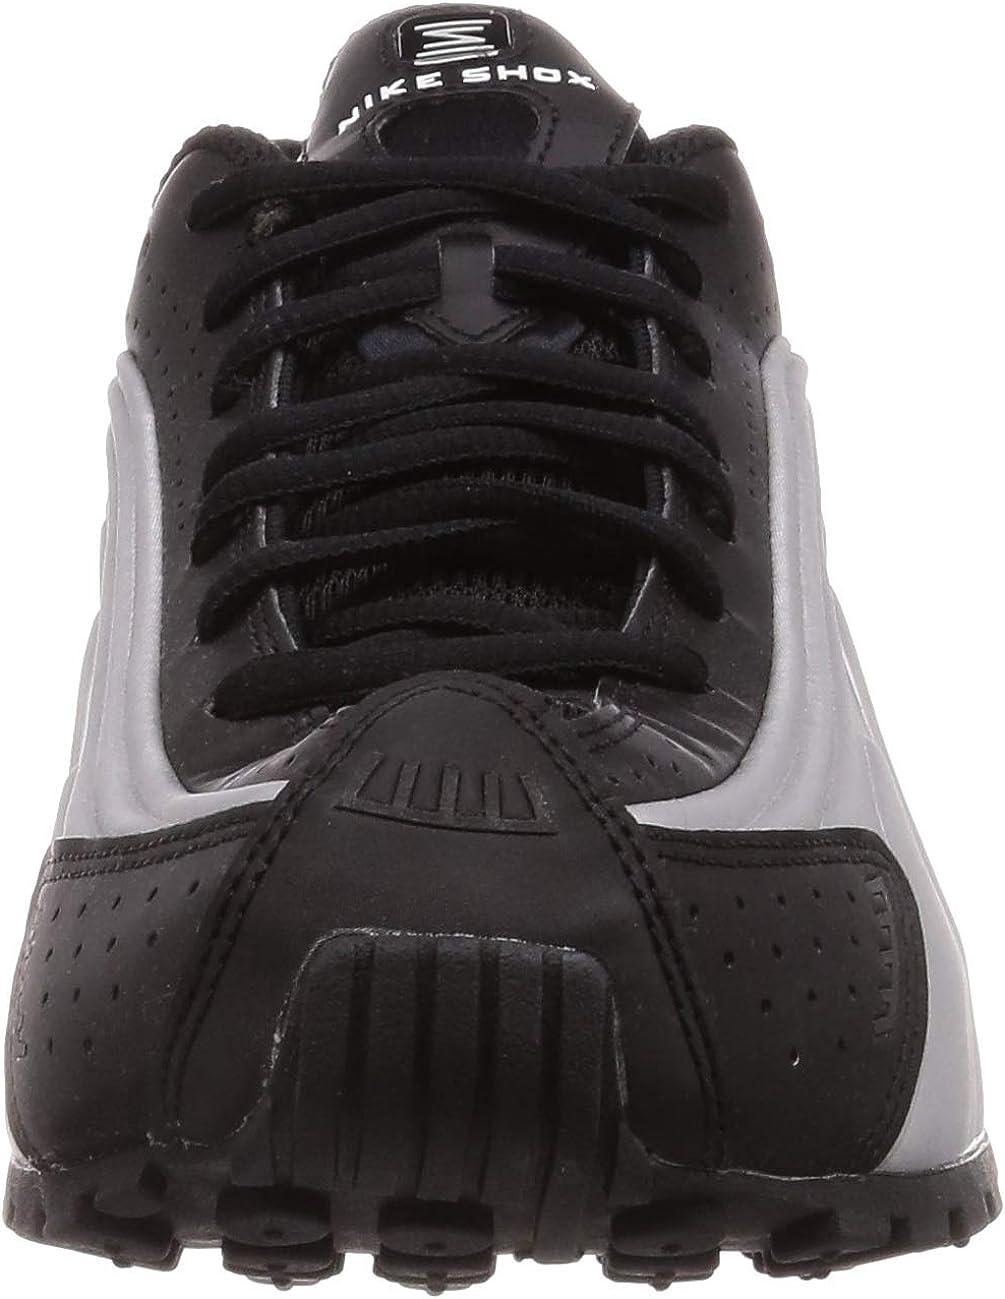 Nike Shox R4 Mens Training Fashion Sneaker 104265-053 Black/Black-metallic Silver